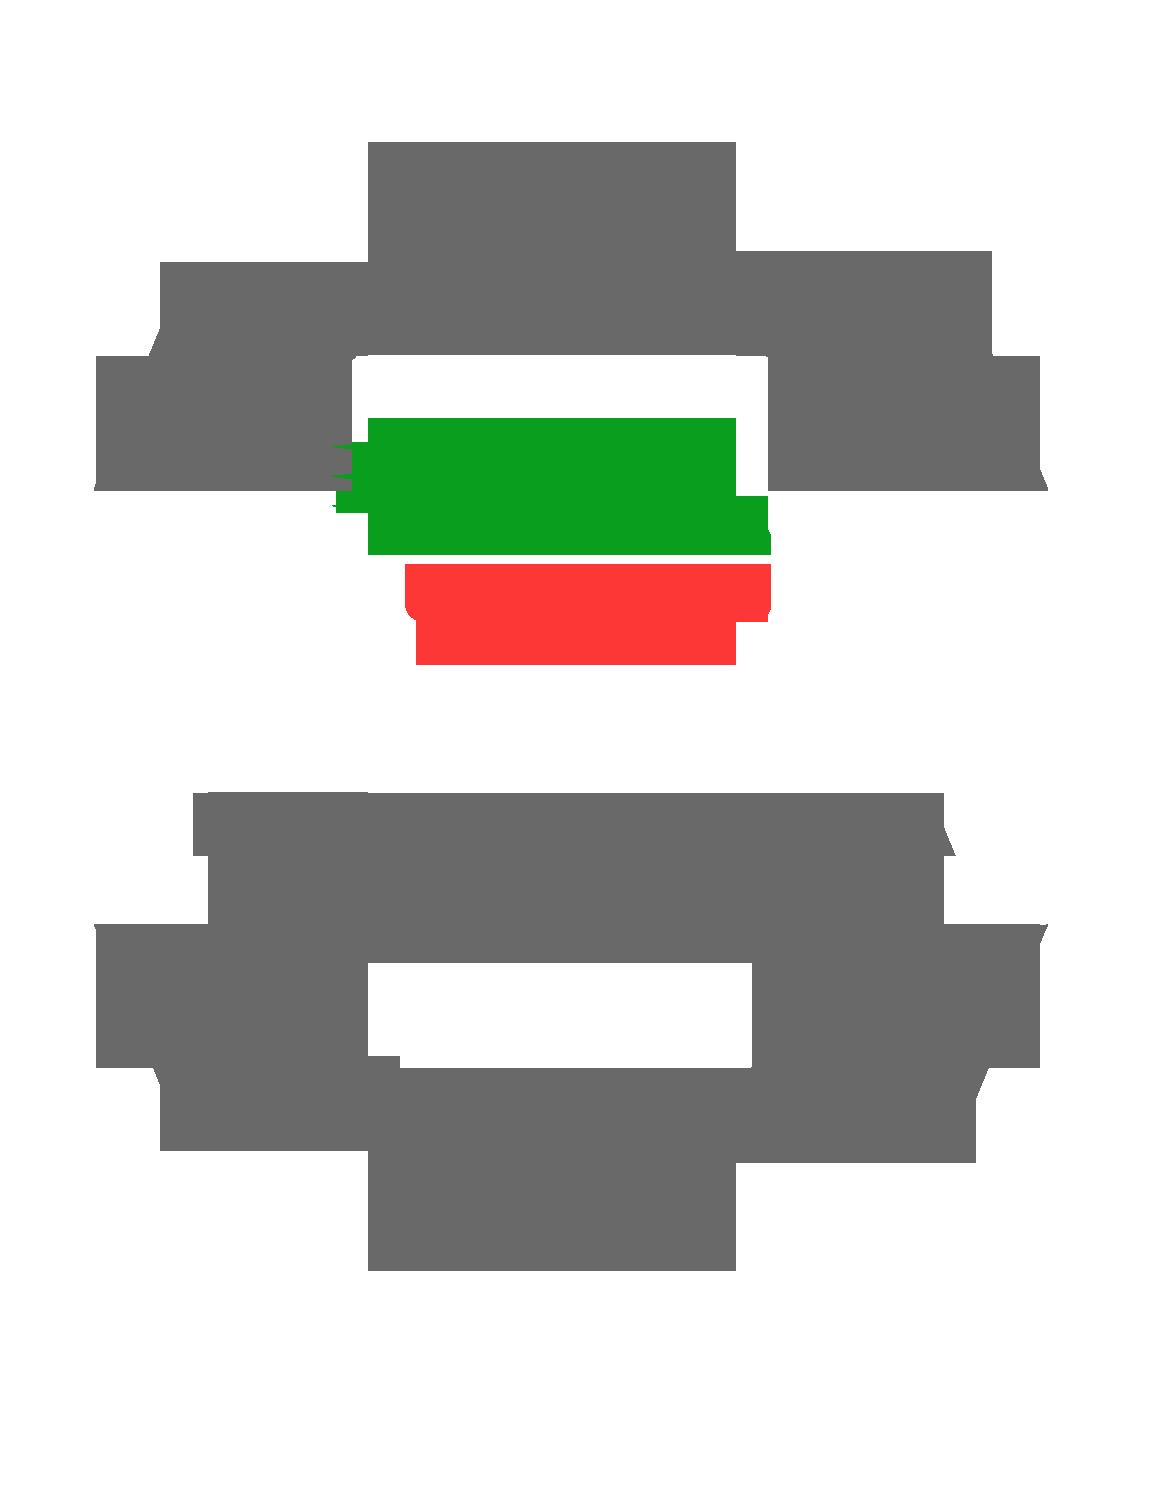 sedacia_suprava_sedacka_doprava